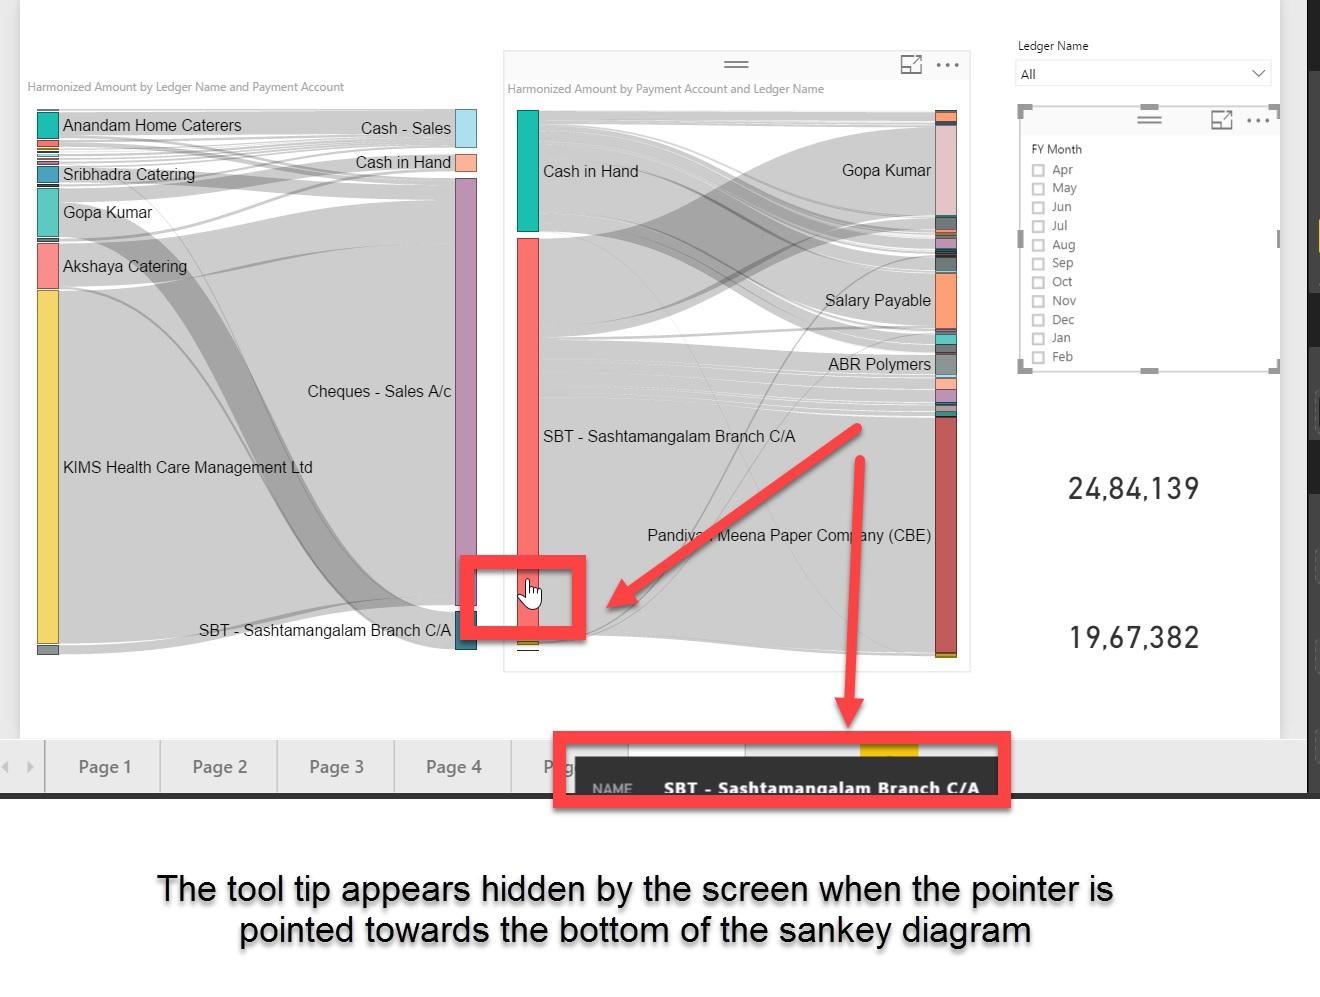 sankey diagram tool tip display is hidden [ 1320 x 997 Pixel ]